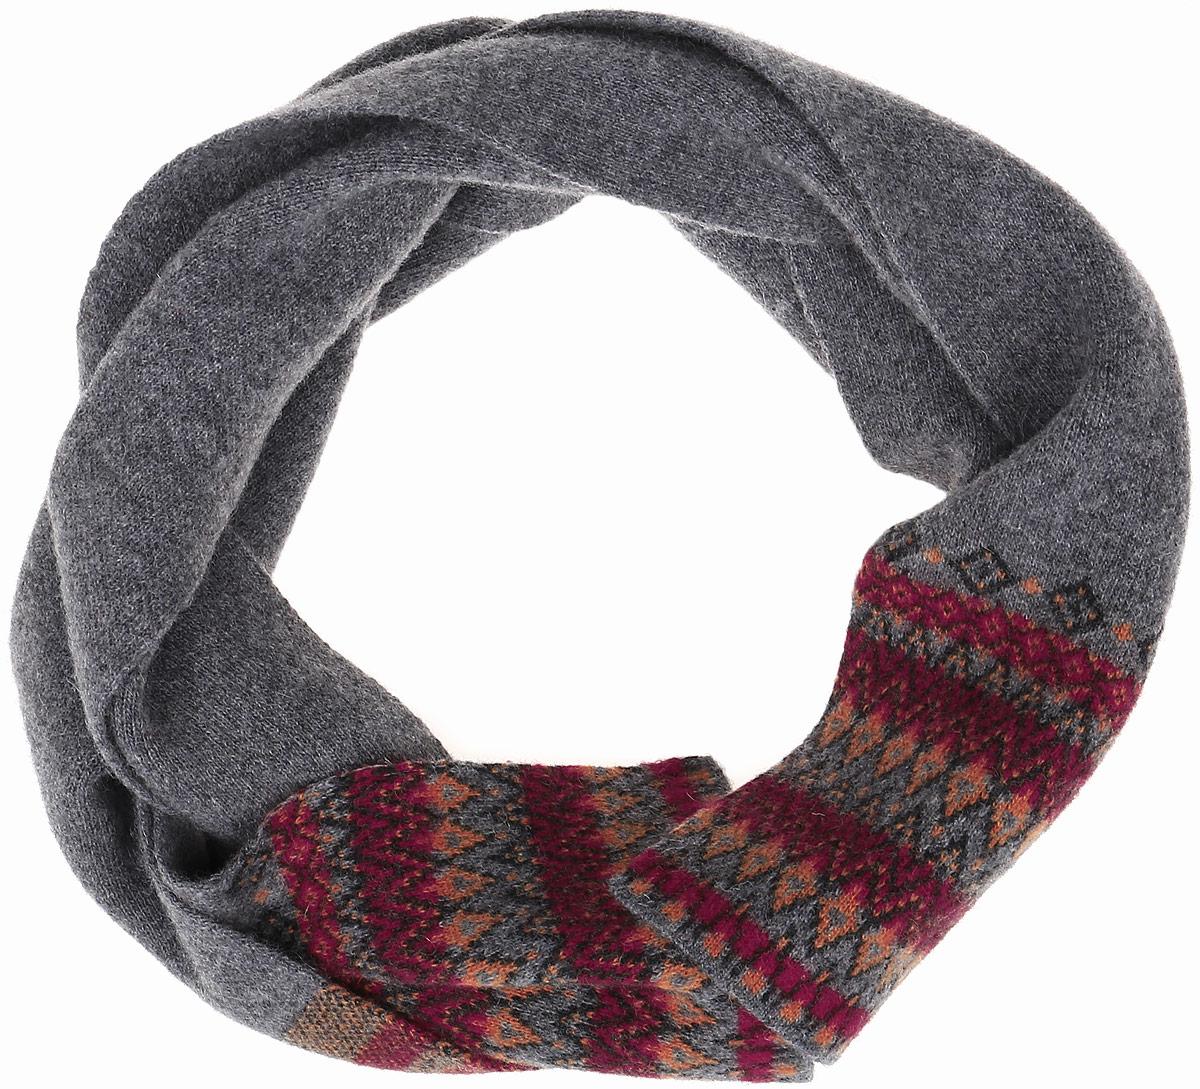 ШарфW16-32123_711Женский шарф Finn Flare, выполненный из шерсти с добавлением нейлона, очень мягкий, теплый и приятный на ощупь. Модель оформлена вязаным орнаментом и дополнена металлической пластиной с названием бренда.